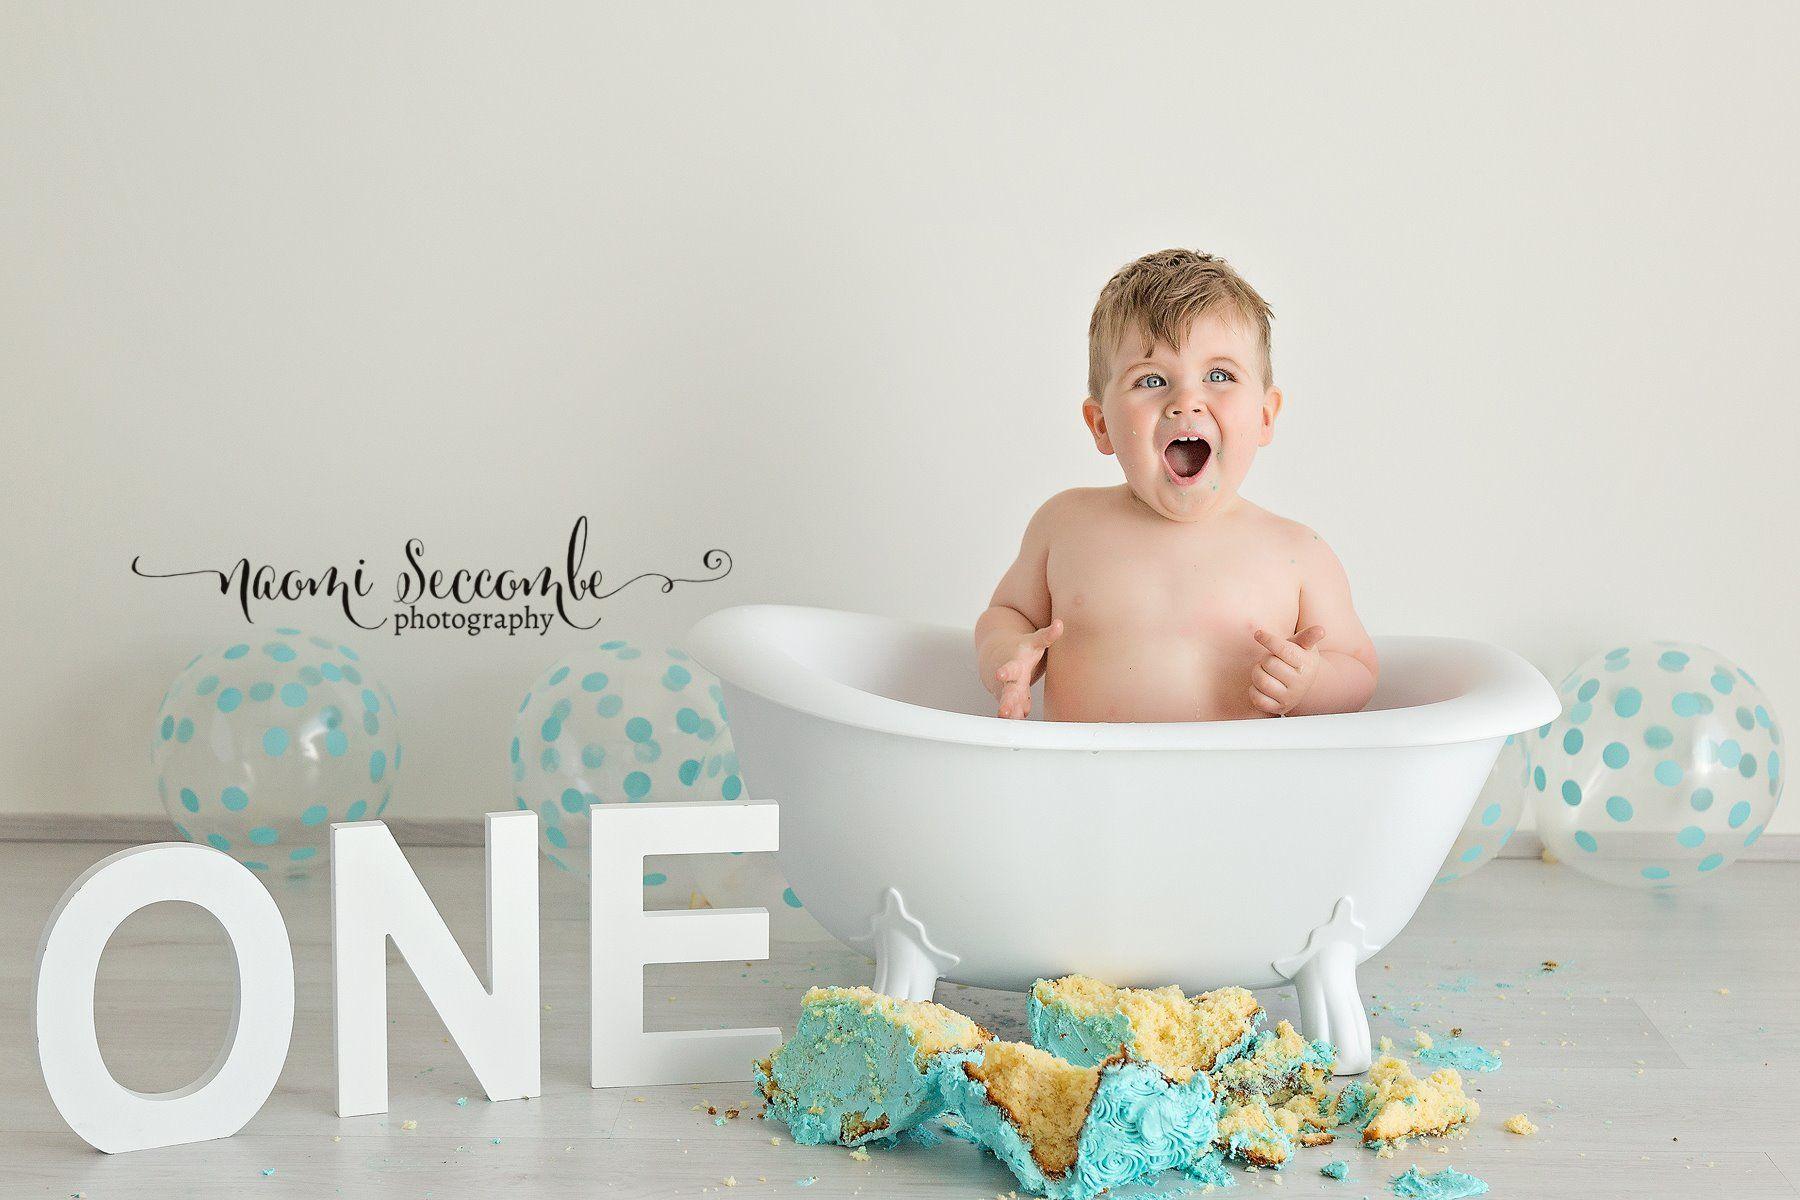 Gatsby Clawfoot Bath Tub